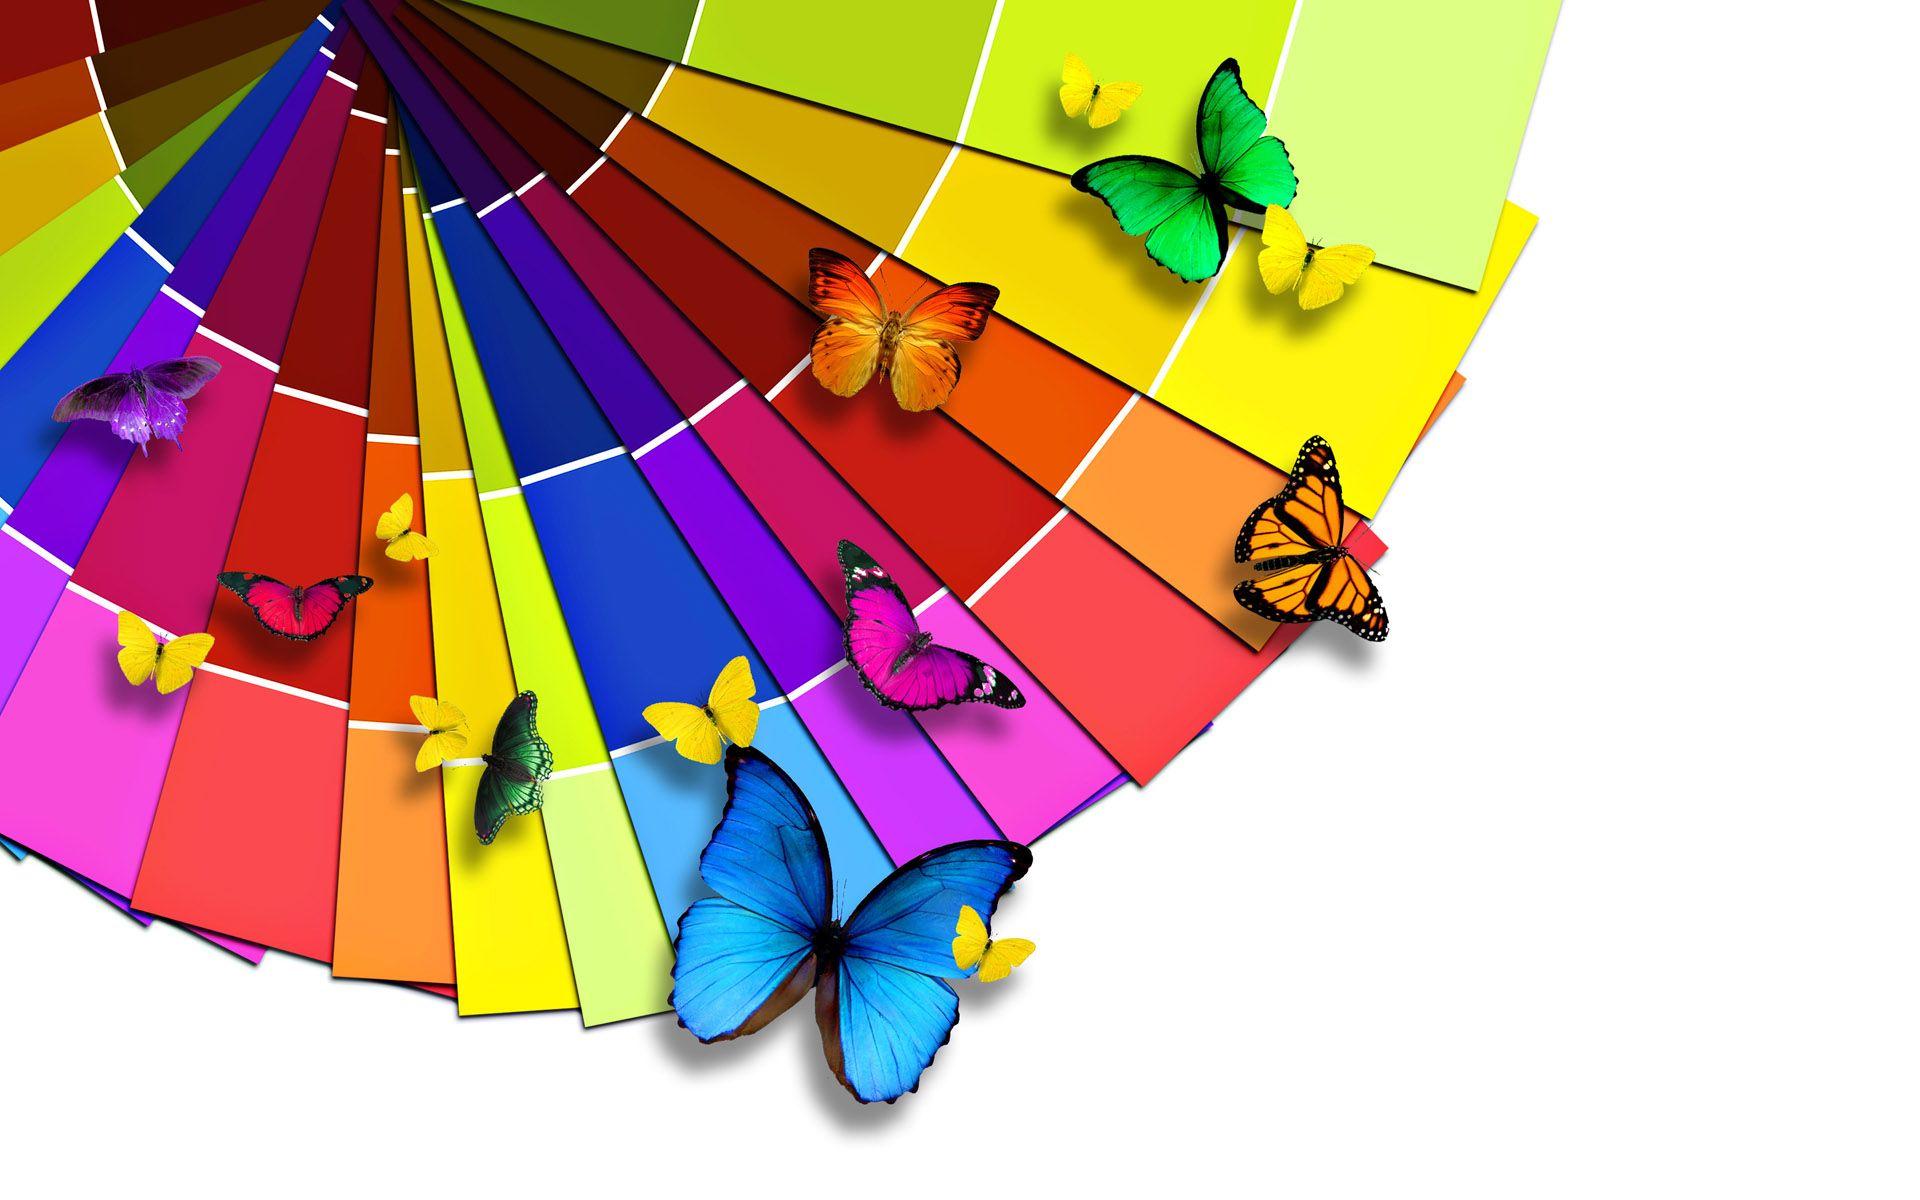 butterfly hd wallpaper download